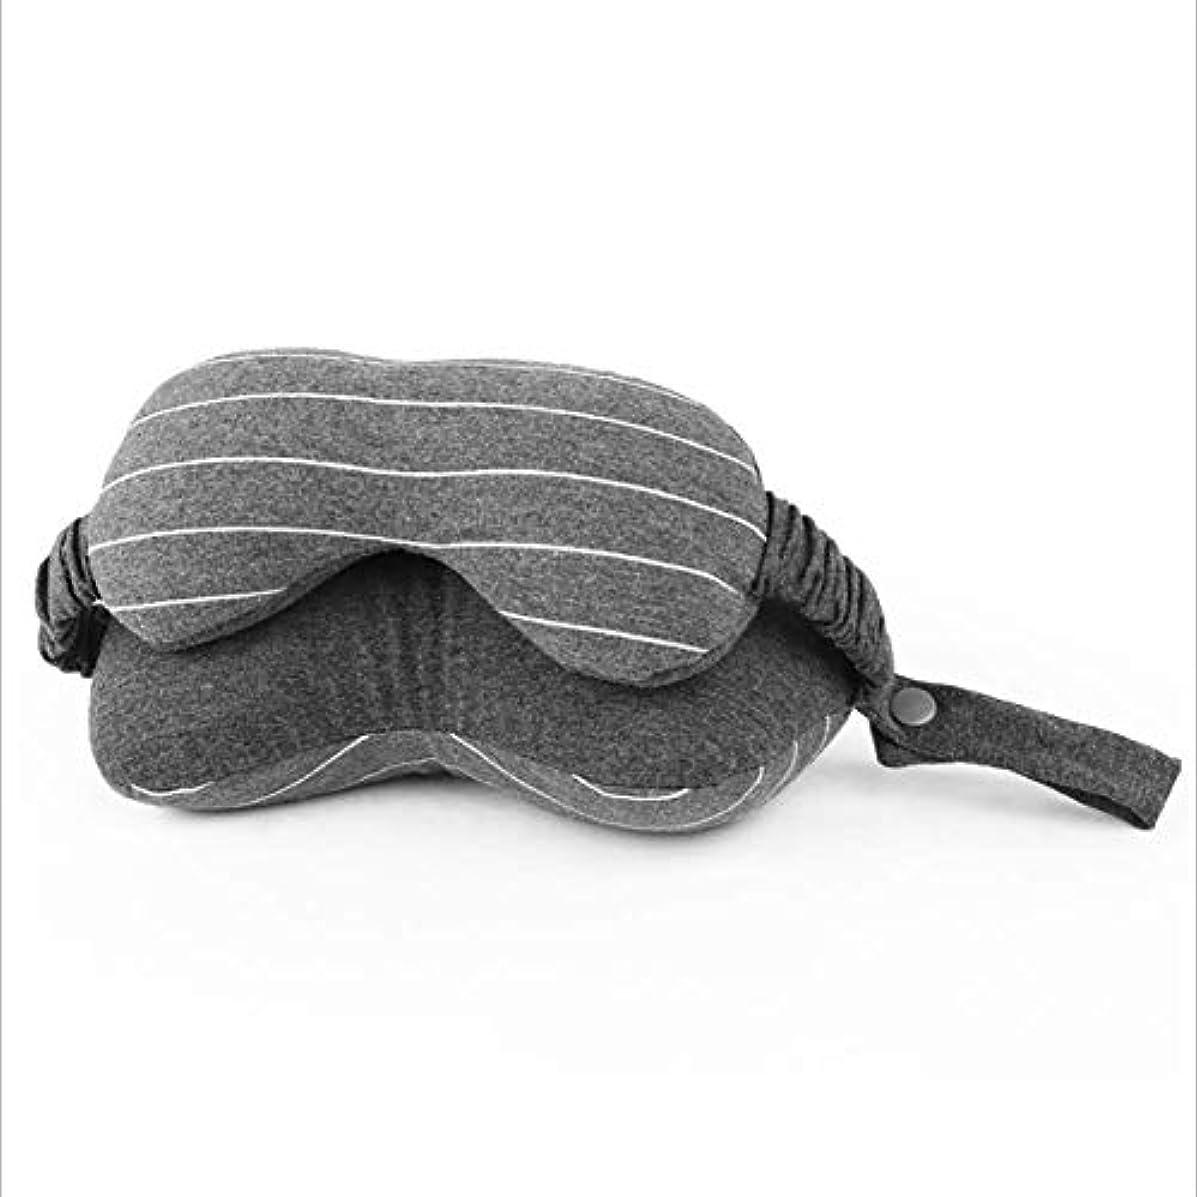 蜜哲学カカドゥアイマスクの枕旅行の睡眠に適していますストレスリリーフユニセックスフルシェーディングソフトで快適な調節可能睡眠に役立ちます